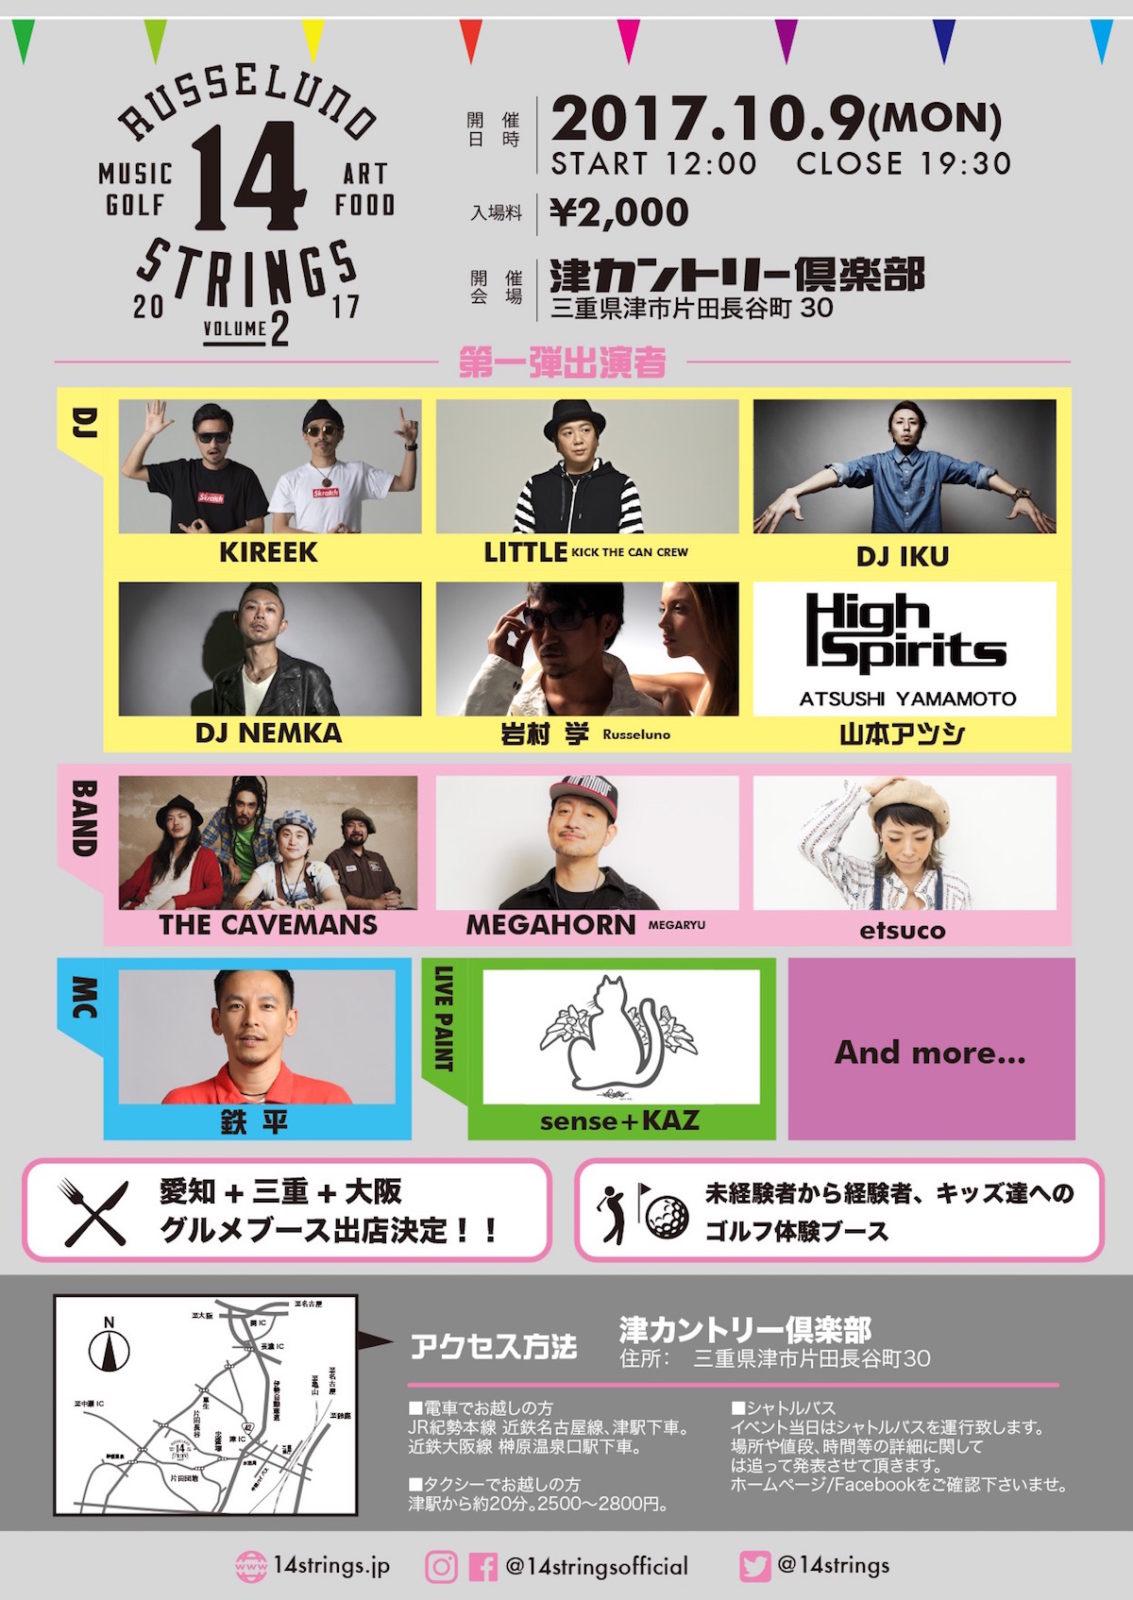 日本初のゴルフ場を会場としたゴルフ×ミュージックのクロスオーバーイベント「Russeluno 14STRINGS Vol.2」が開催決定サムネイル画像